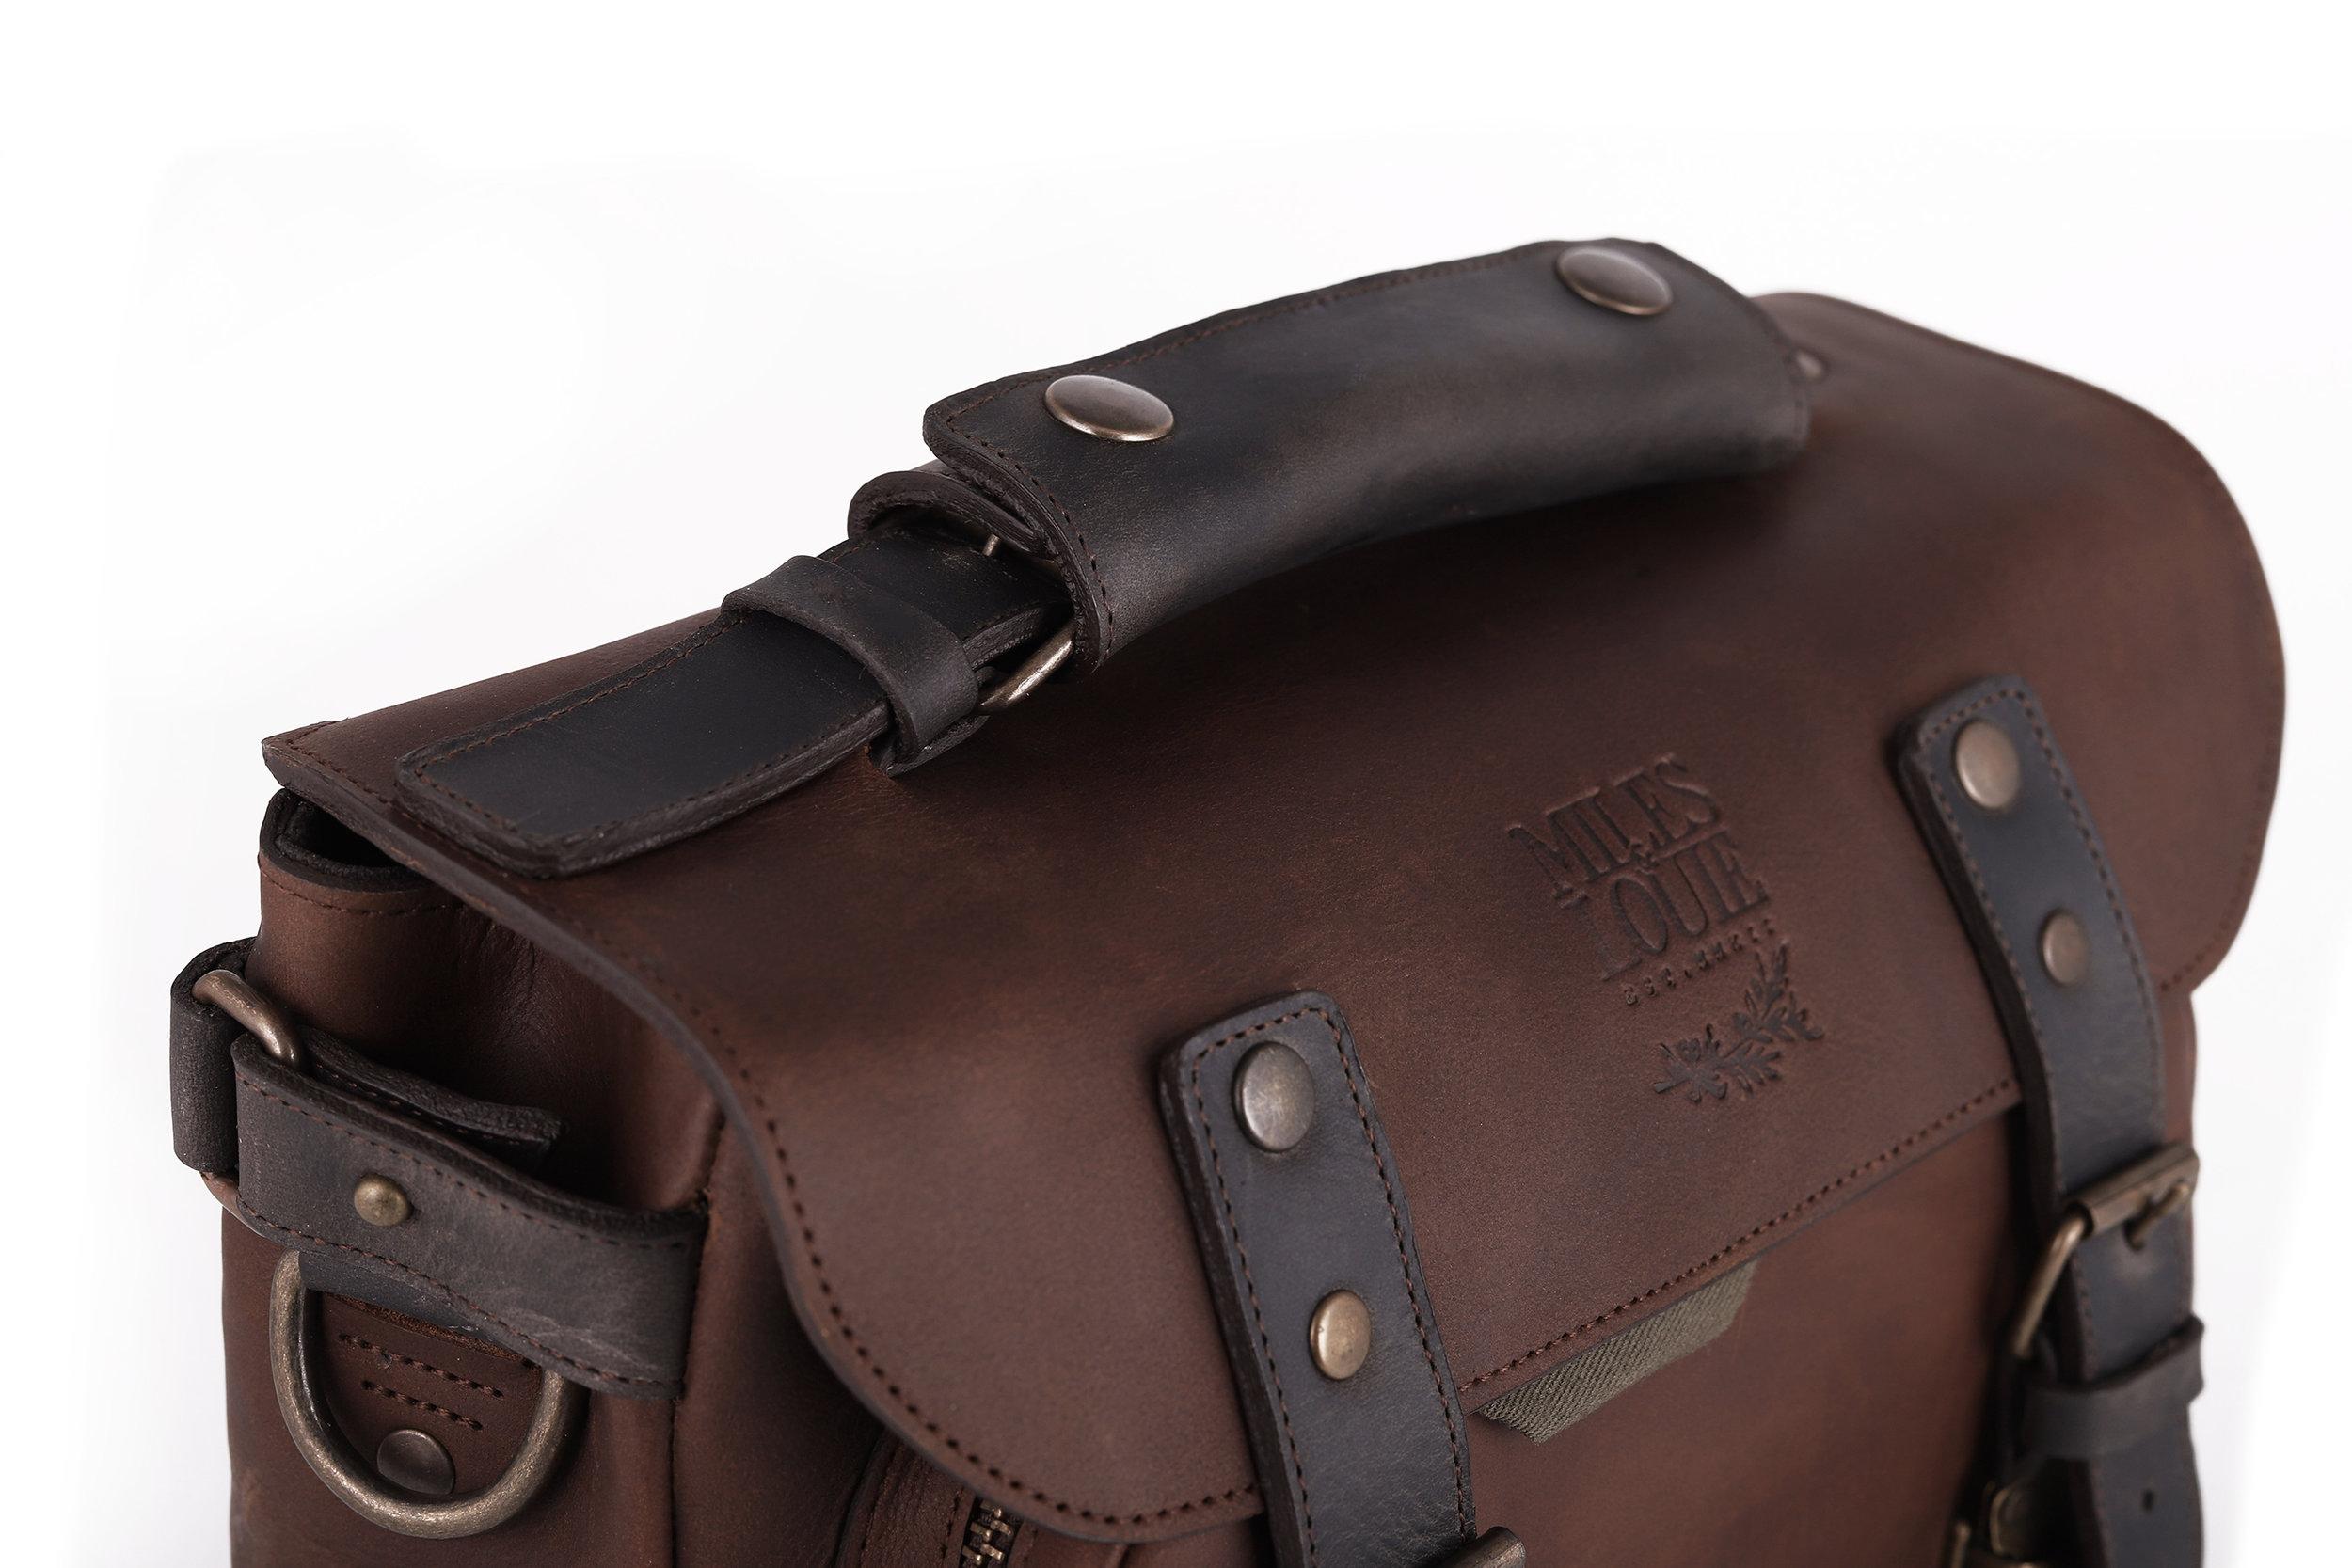 Refuerzo y comodidad  pad removible de piel en asa ajustable para mejor agarre.